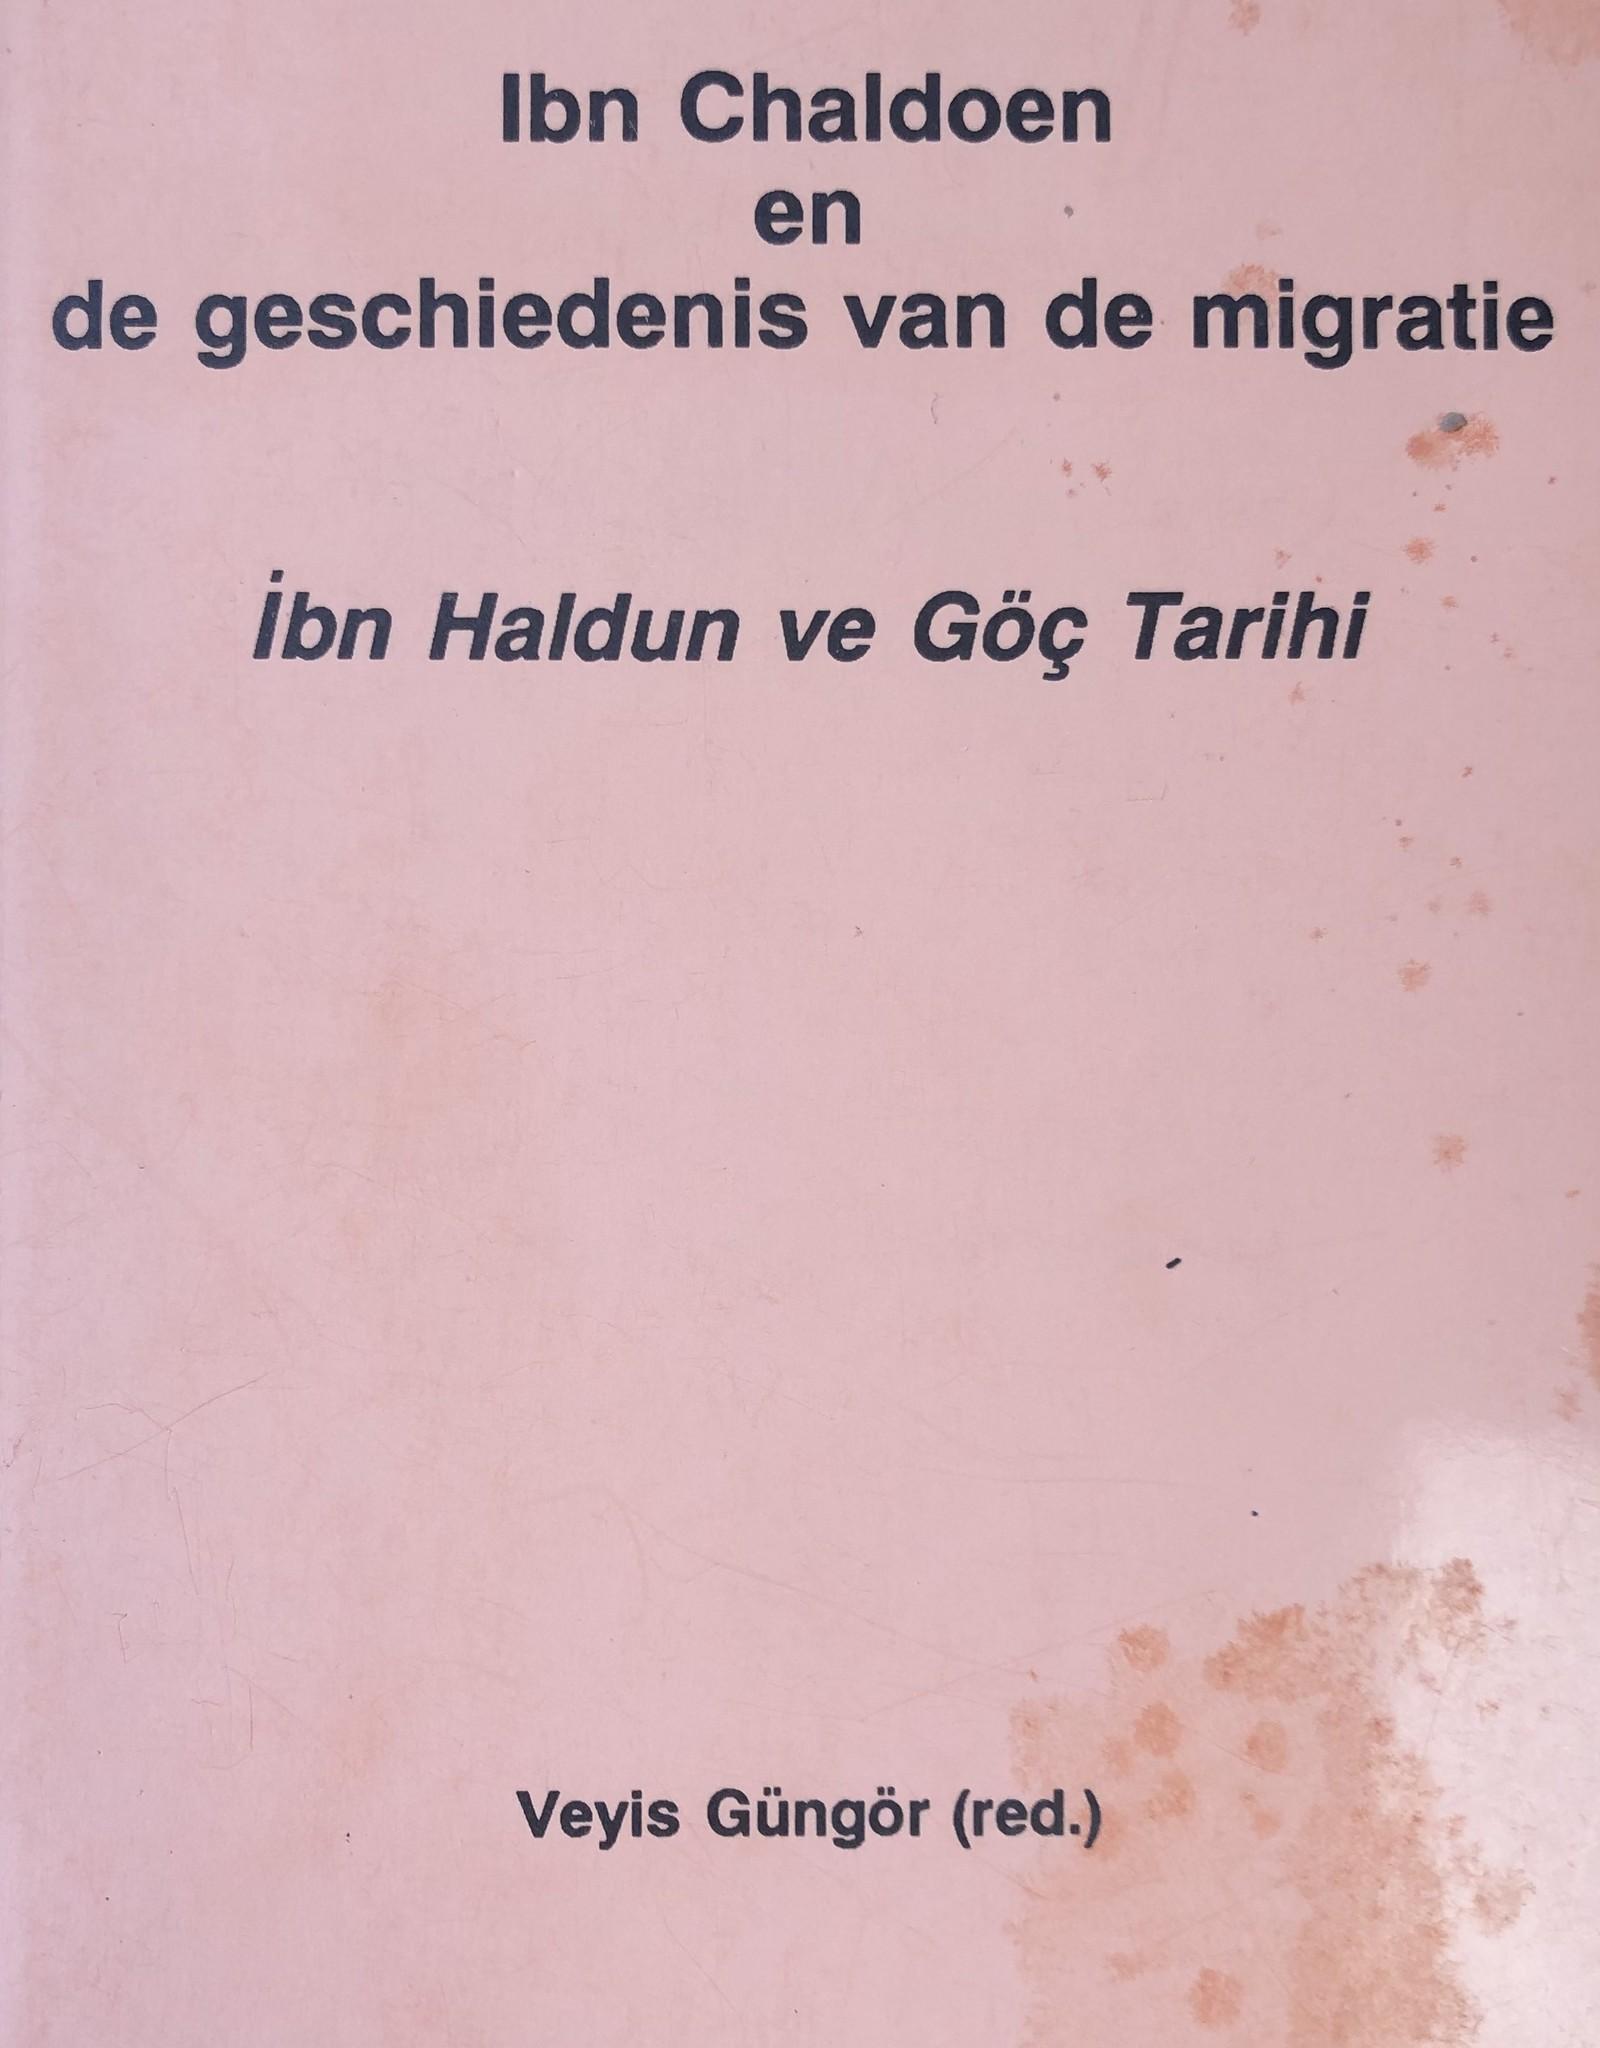 Ibn Chaldoen en de Geschiedenis van de migratie